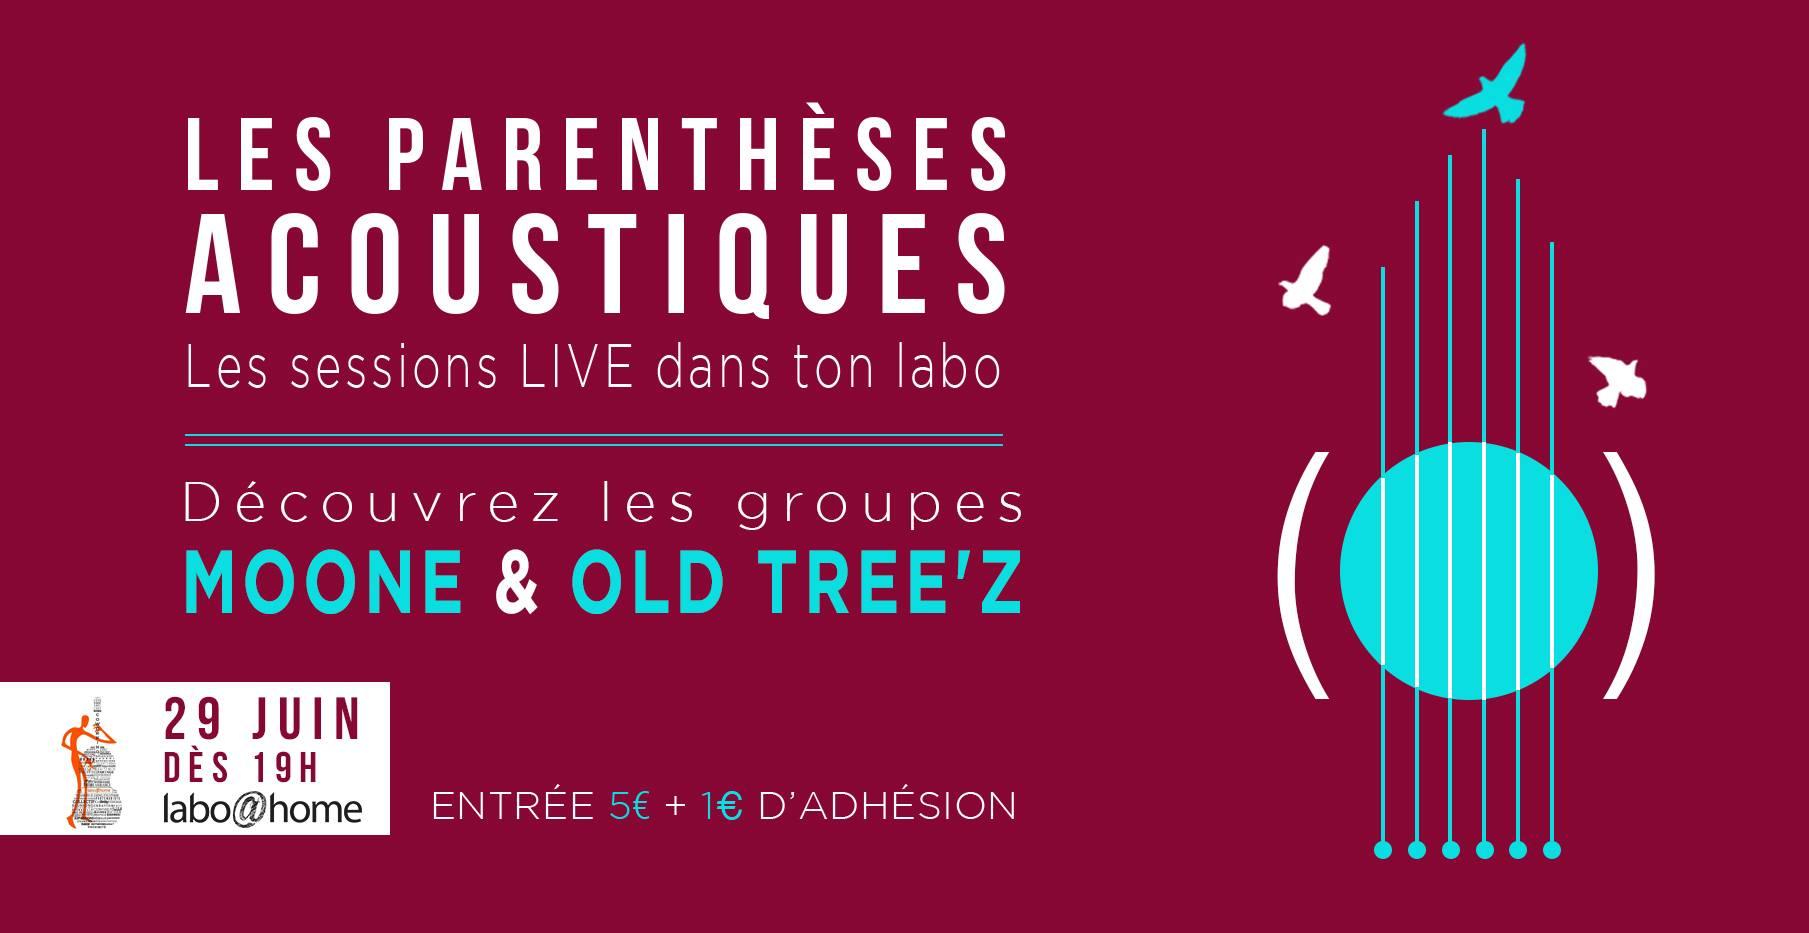 Les Parenthèses Acoustiques reviennent au Labo avec 2 concerts unplugged